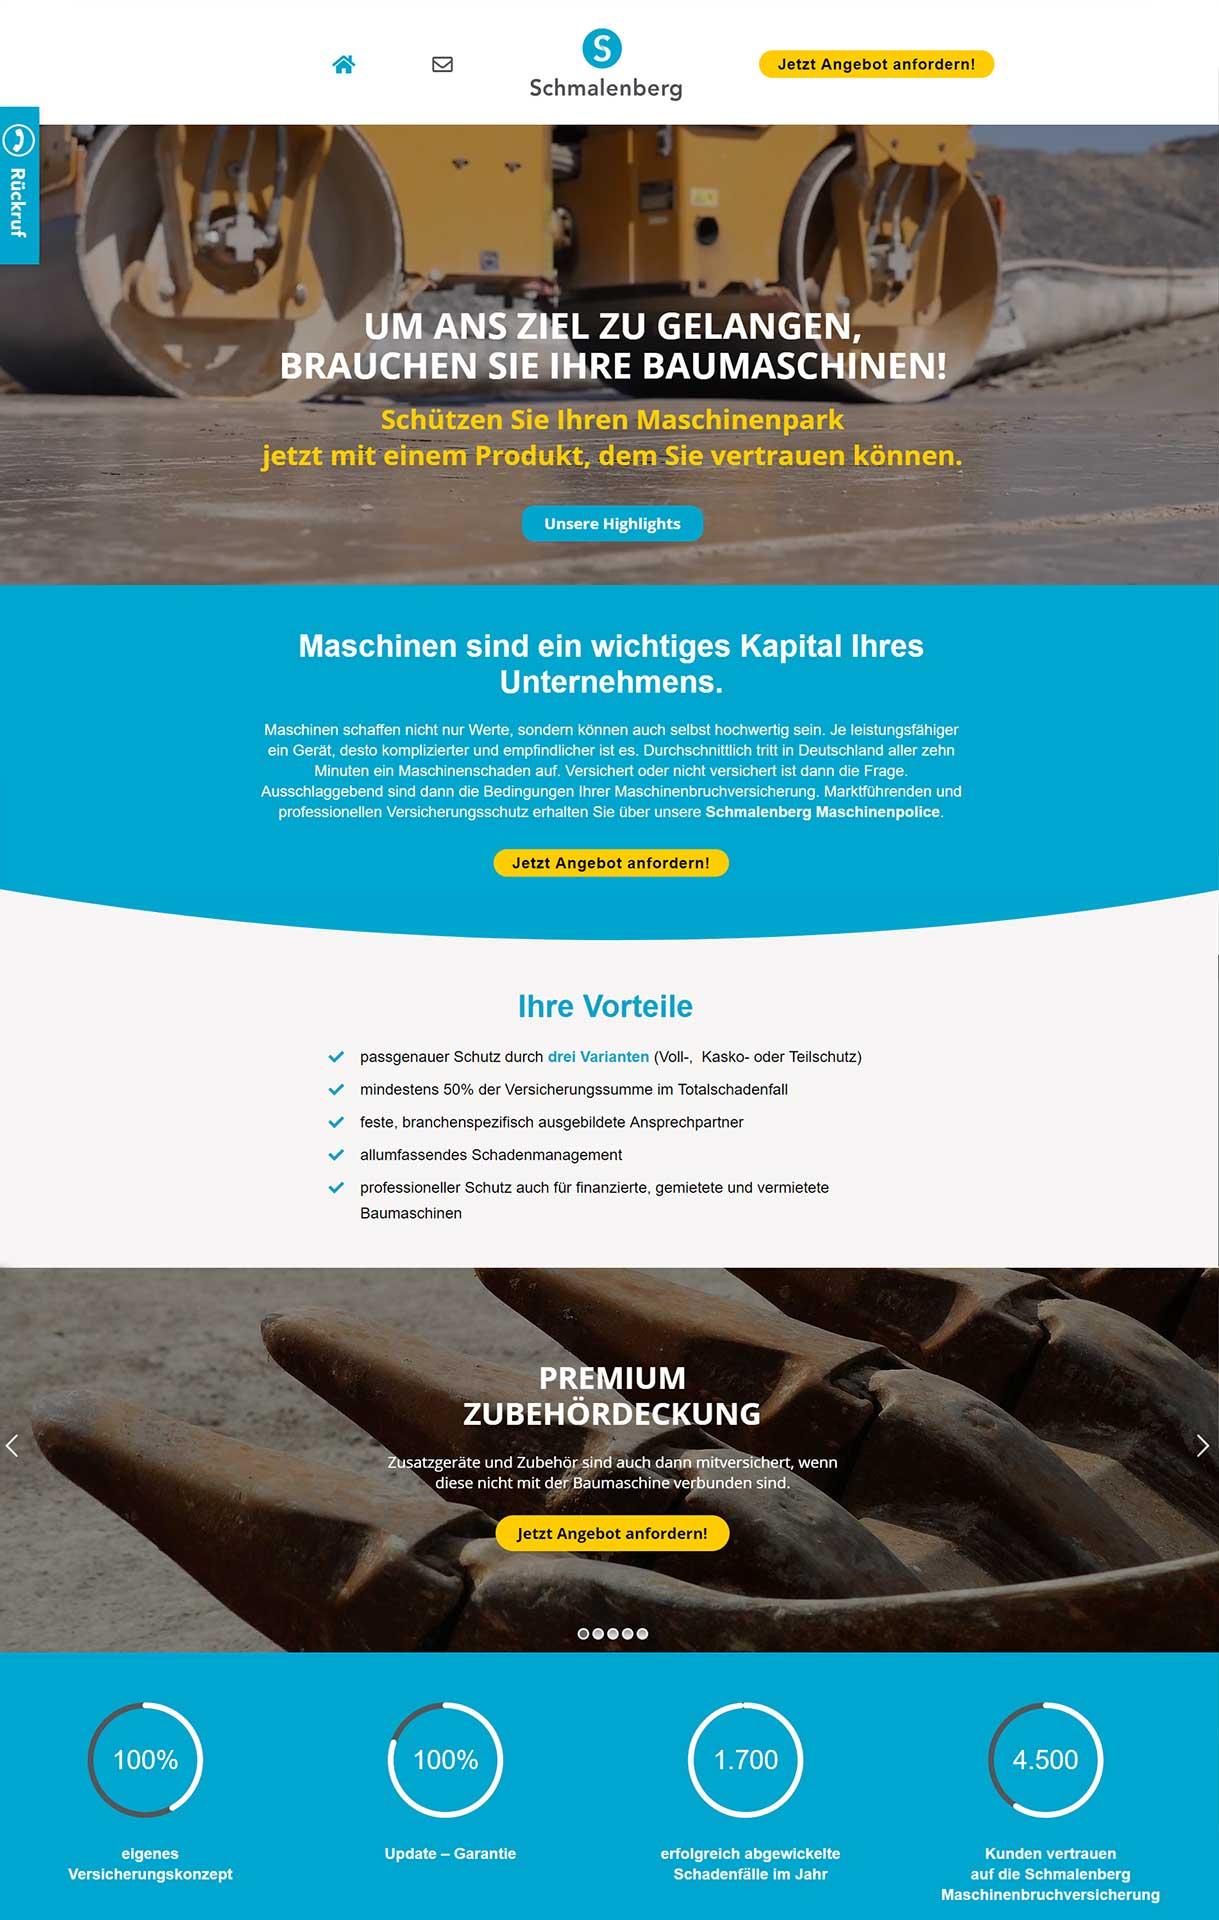 webdesign-flashlightmedia-werbeagentur-leipzig-grimma-startseite-baumaschine-versichern-webseite